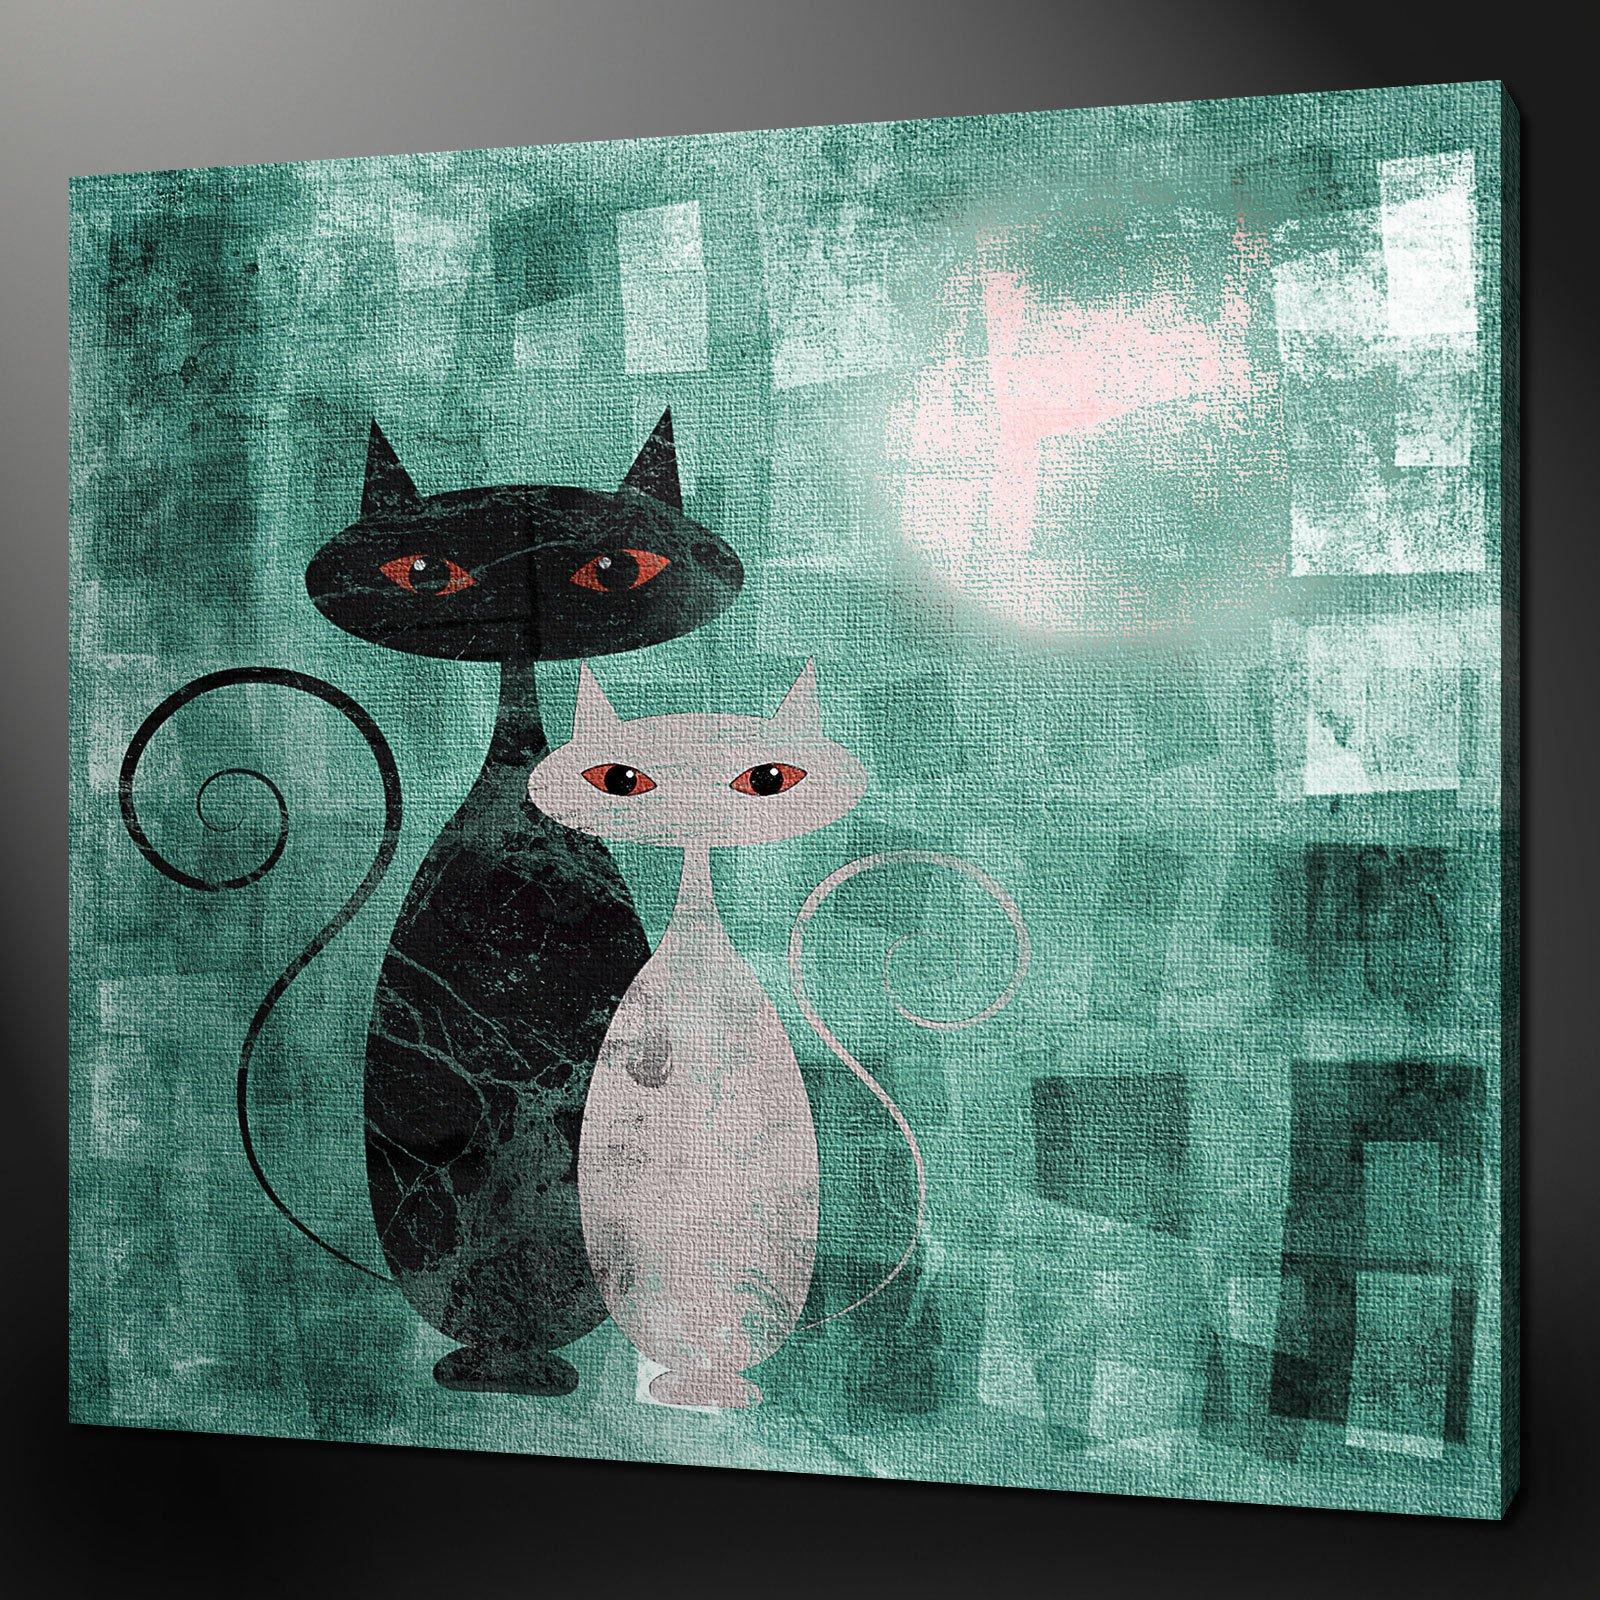 Cats Art Deco Teal Aqua Canvas Wall Art Pictures Prints 24